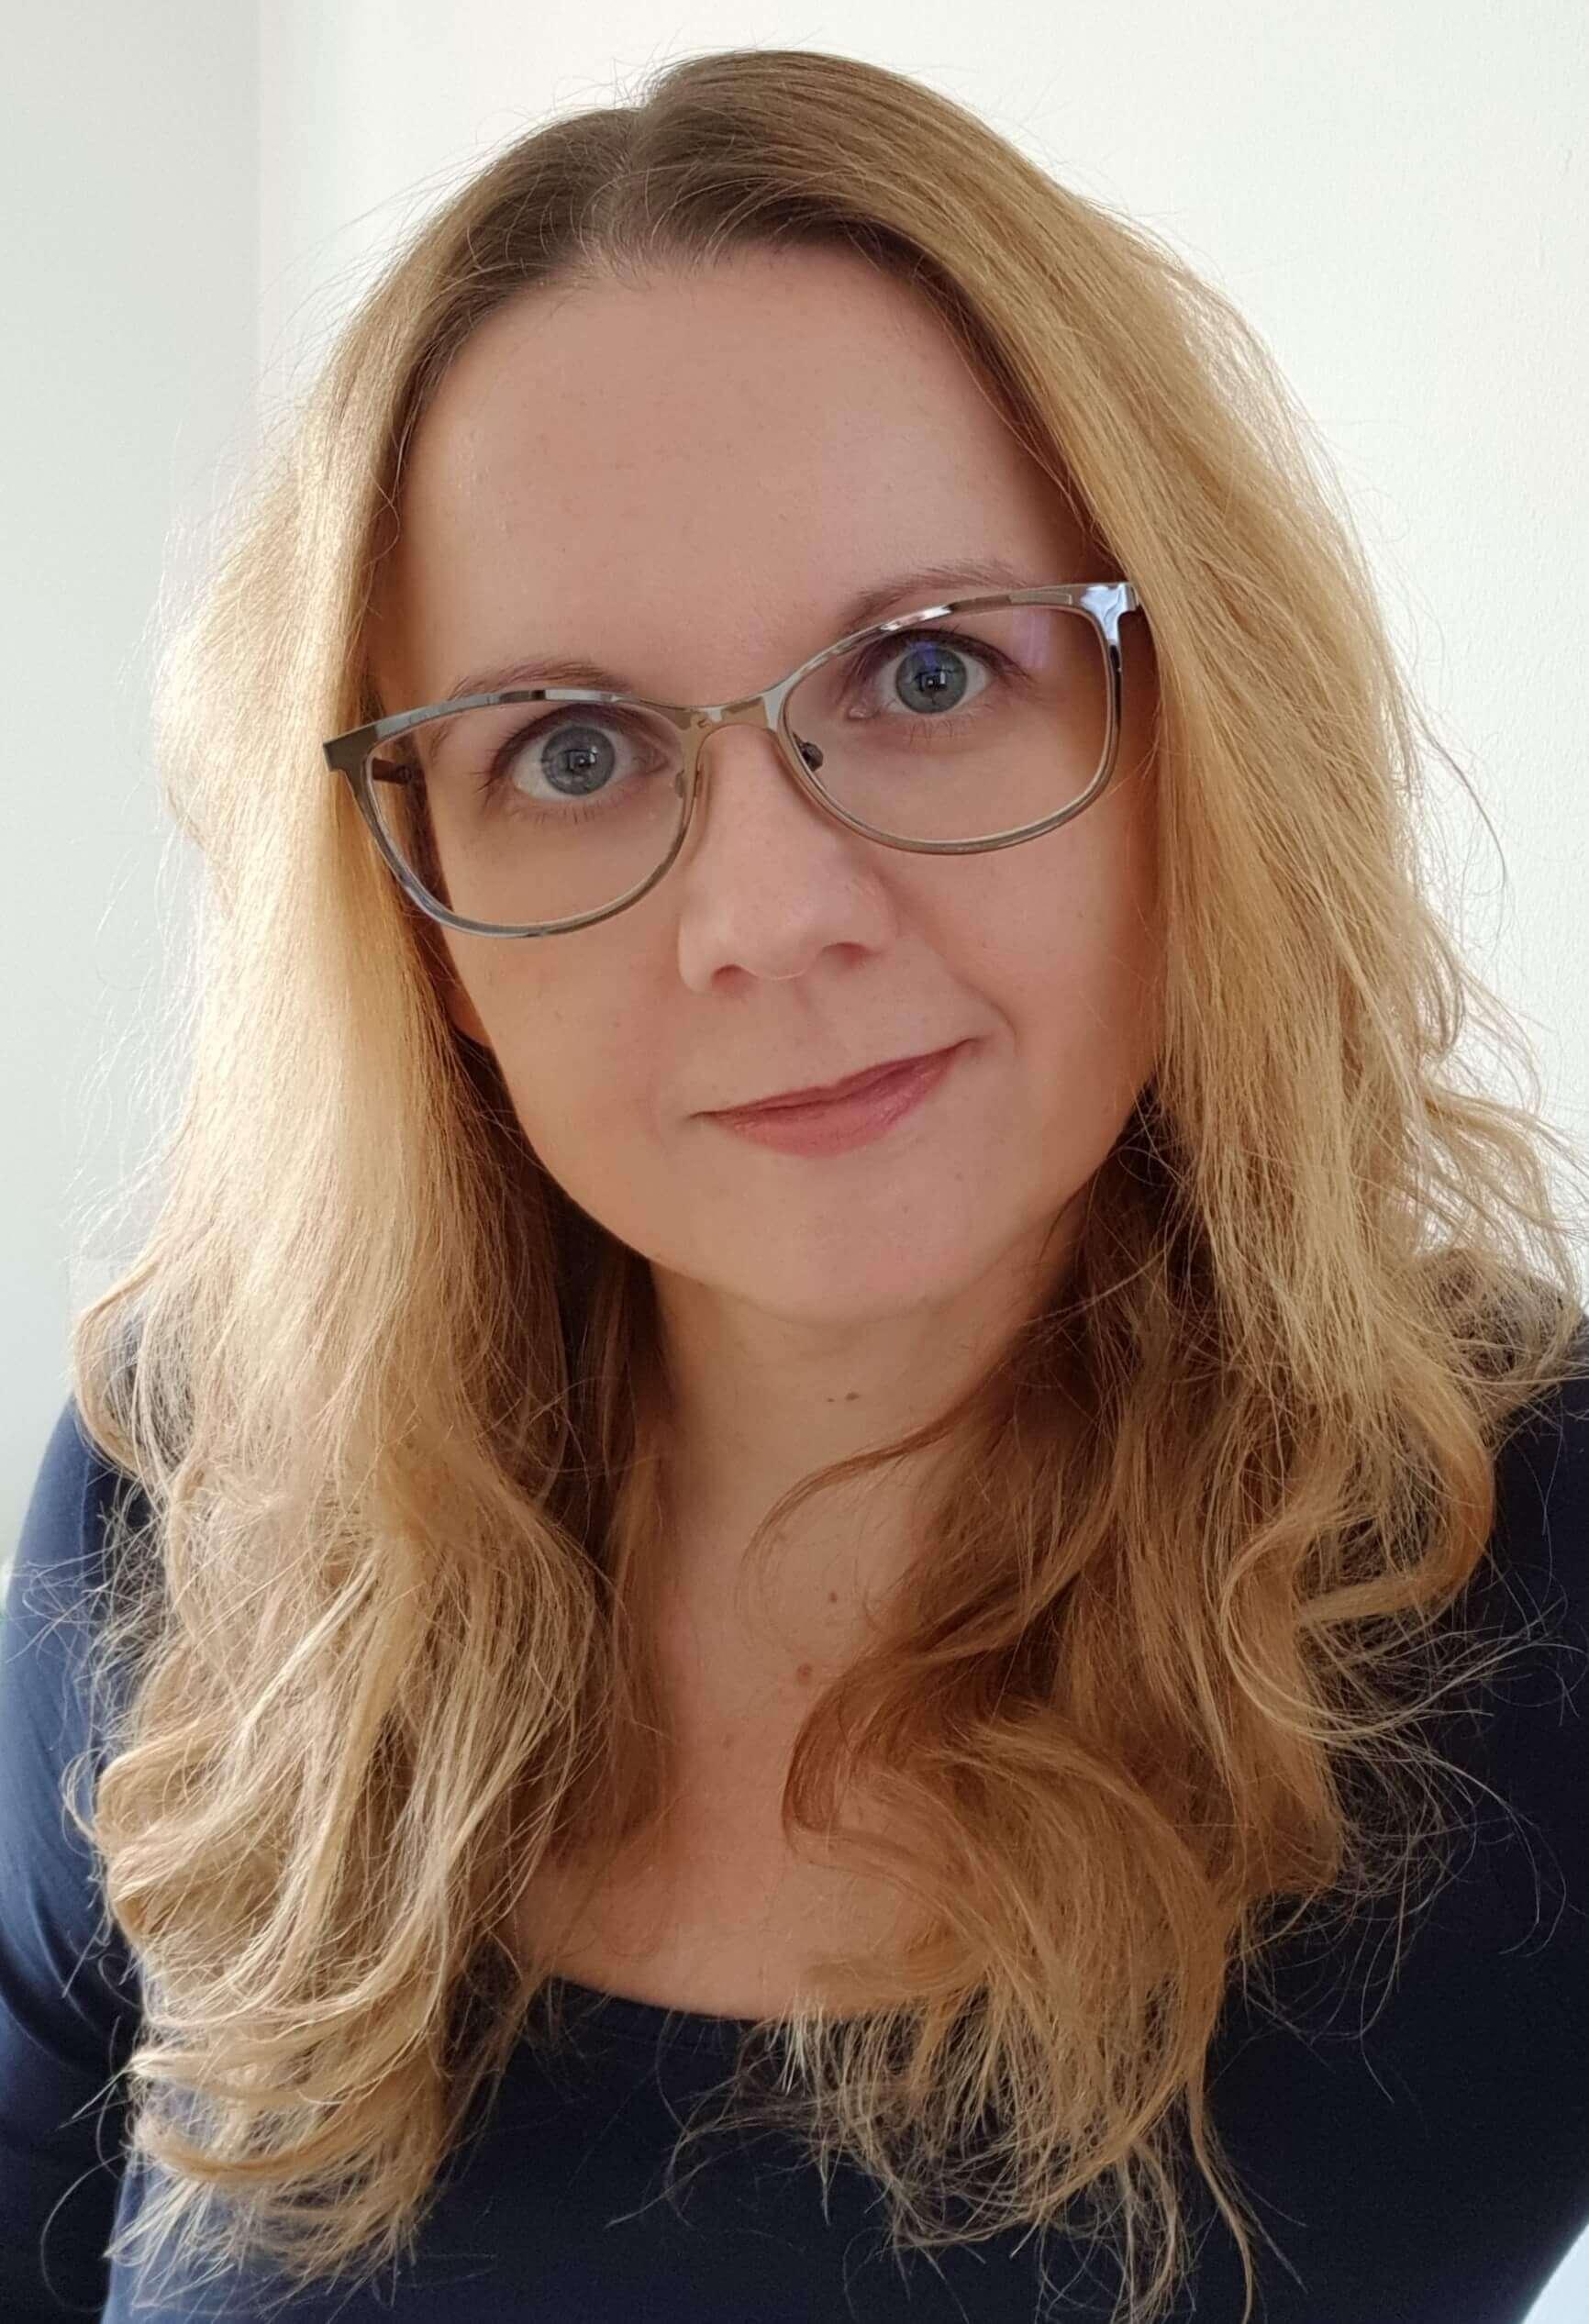 portraitfoto von Frau mit blonden Haaren und Brille